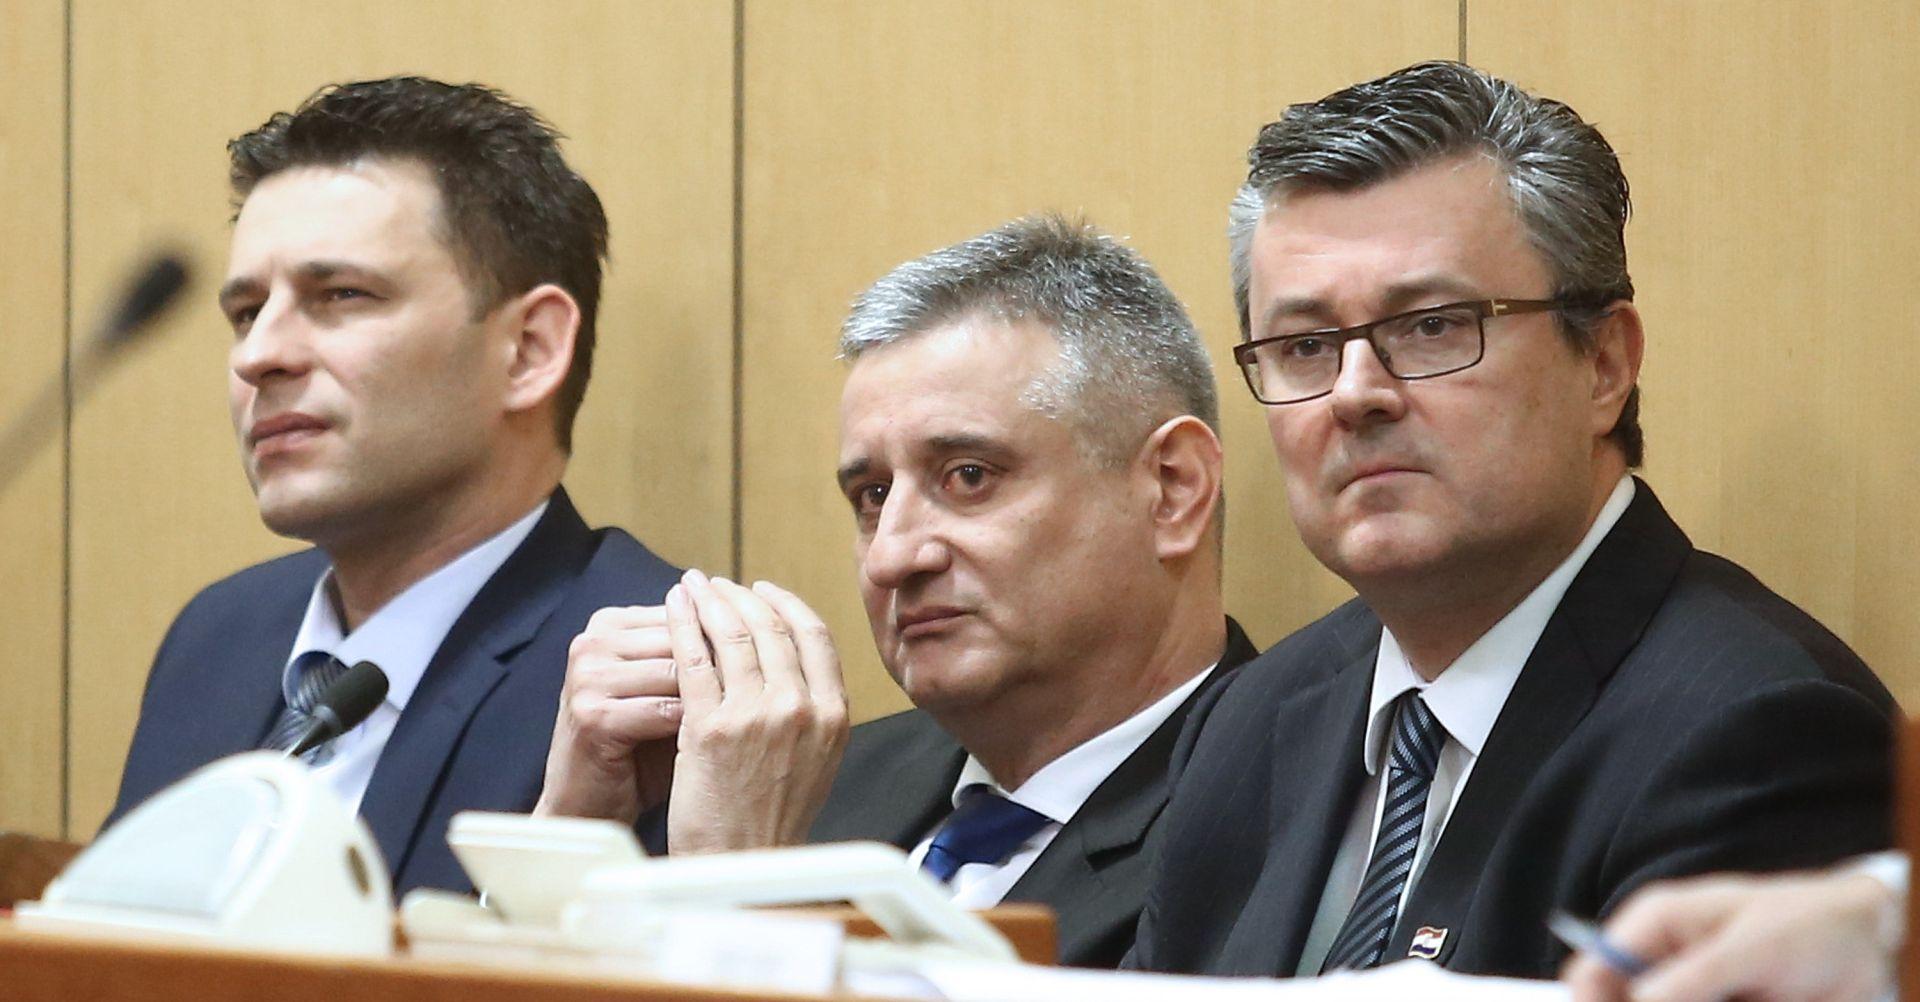 ISTRAŽIVANJE NOVE TV Što Hrvati misle o premijeru i o tome tko će donositi odluke u Vladi?